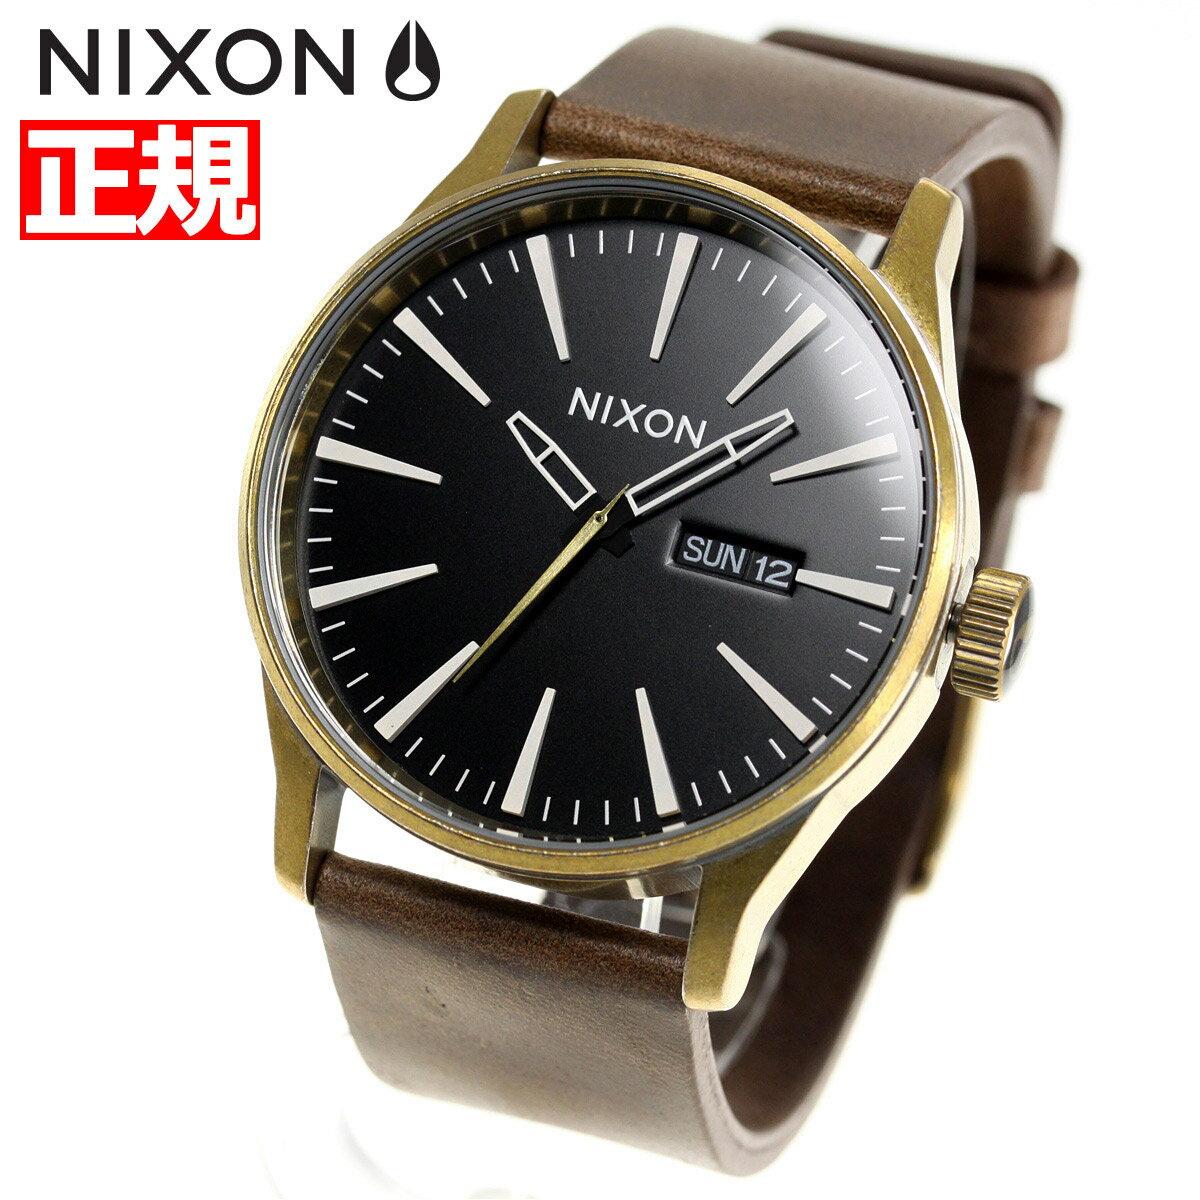 【今だけ!お得な最大1万円OFFクーポン配布中】ニクソン NIXON セントリーレザー SENTRY LEATHER 腕時計 メンズ BRASS / BLACK / BROWN NA1053053-00【2018 新作】